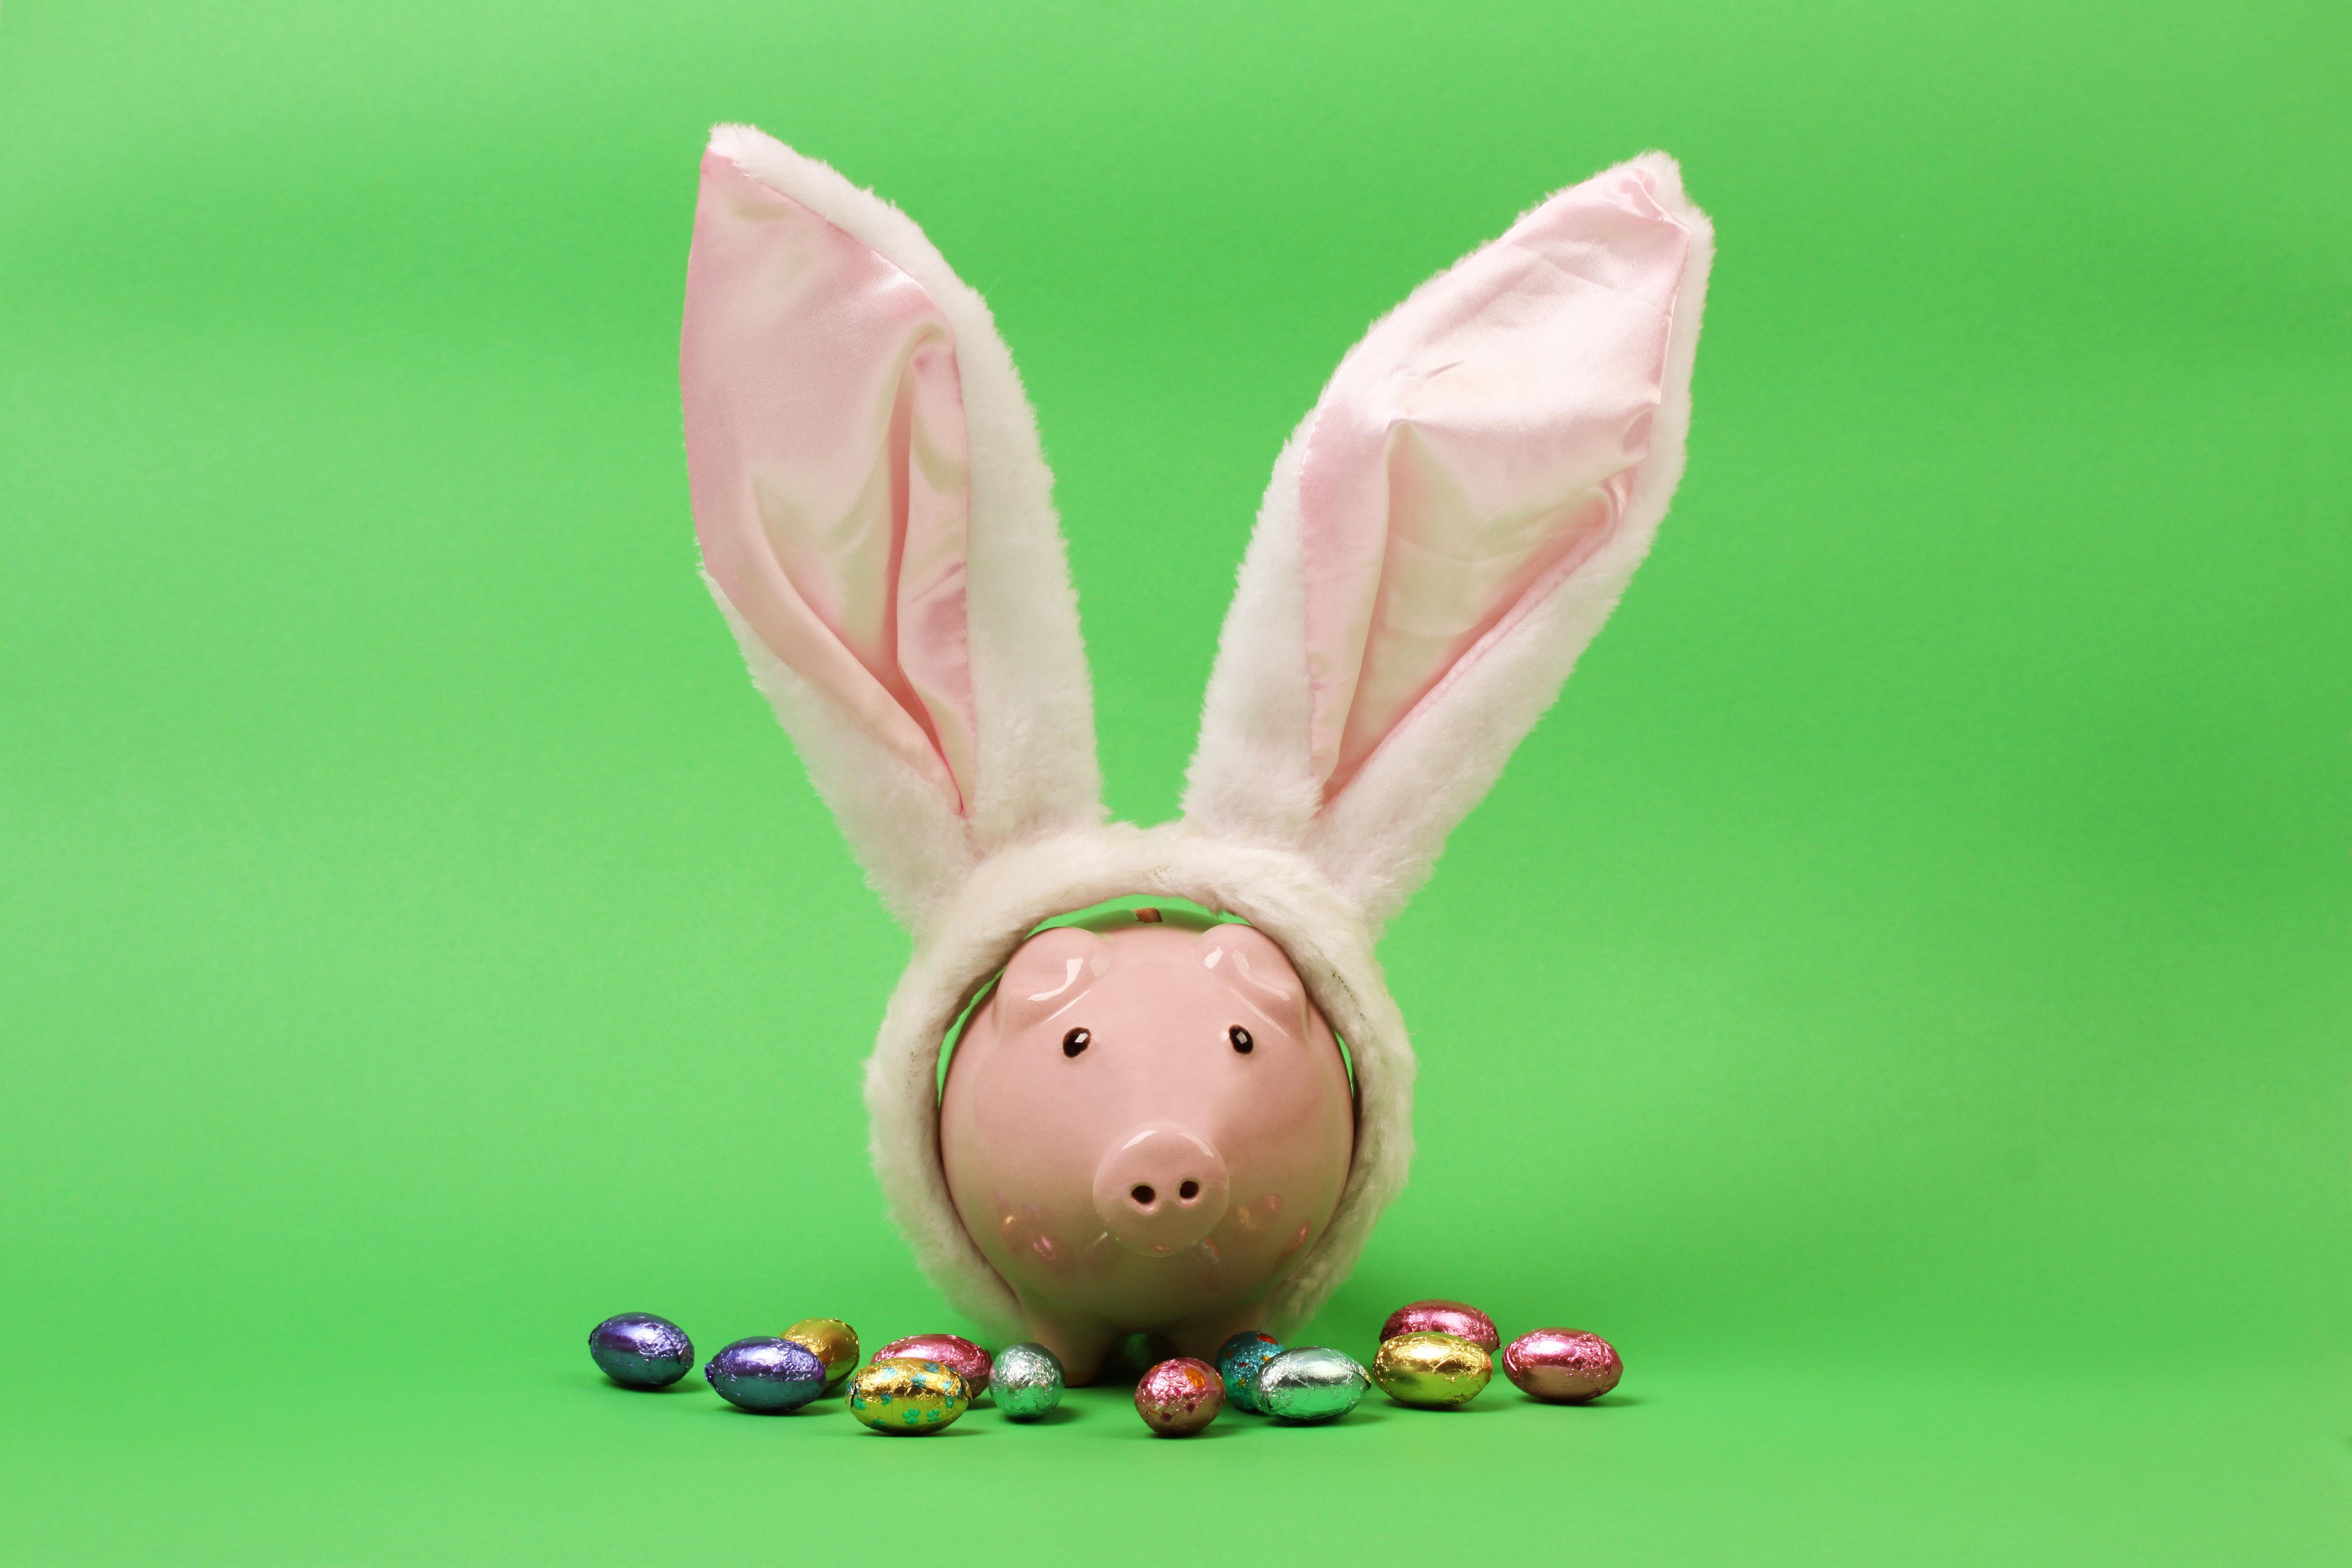 Afinal, vale a pena comprar ovos de chocolate depois da